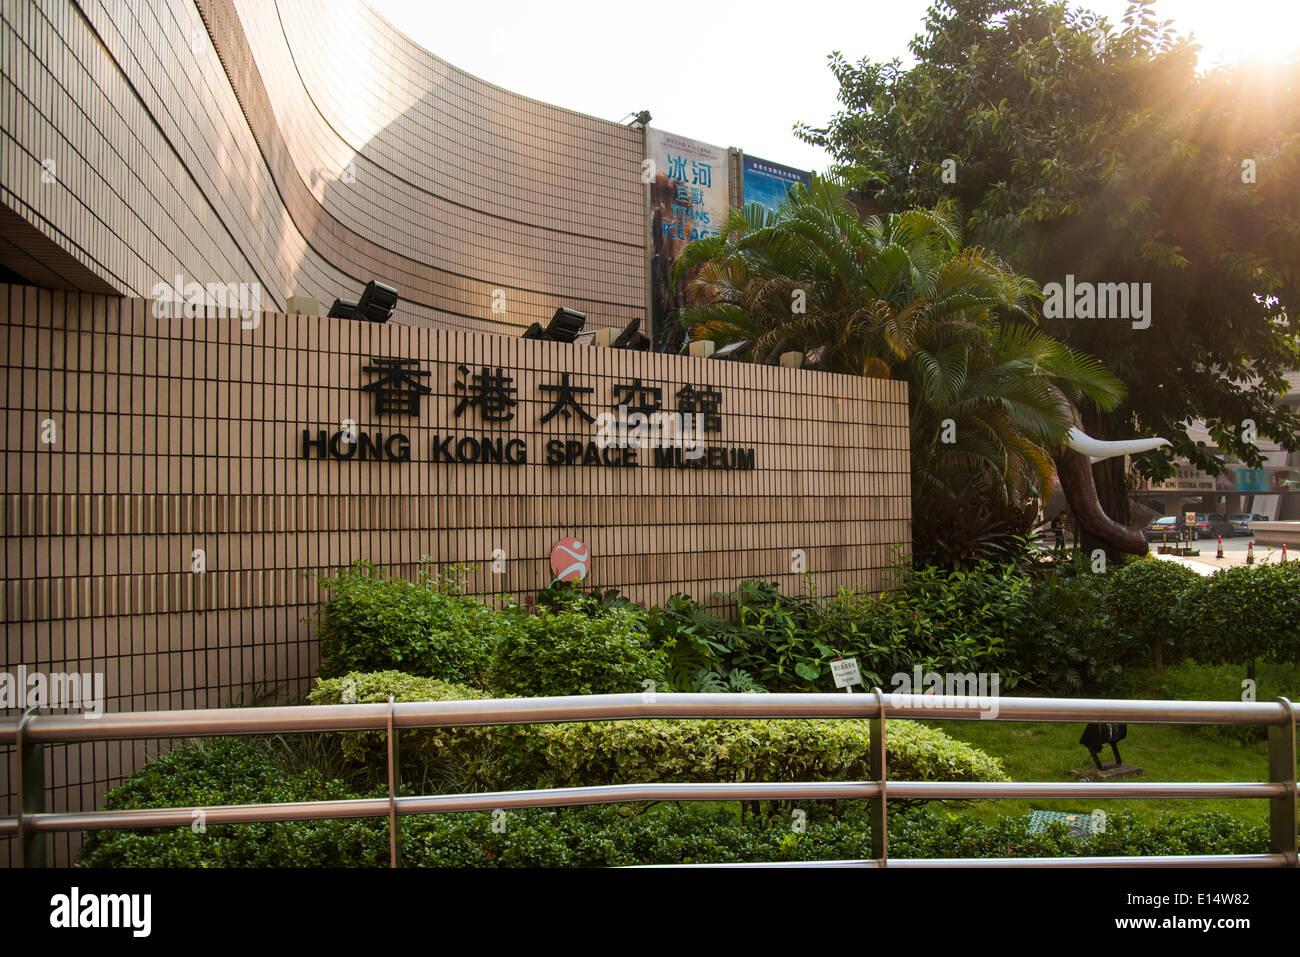 Hong Kong Space Museum, Kowloon, Hong Kong, China - Stock Image